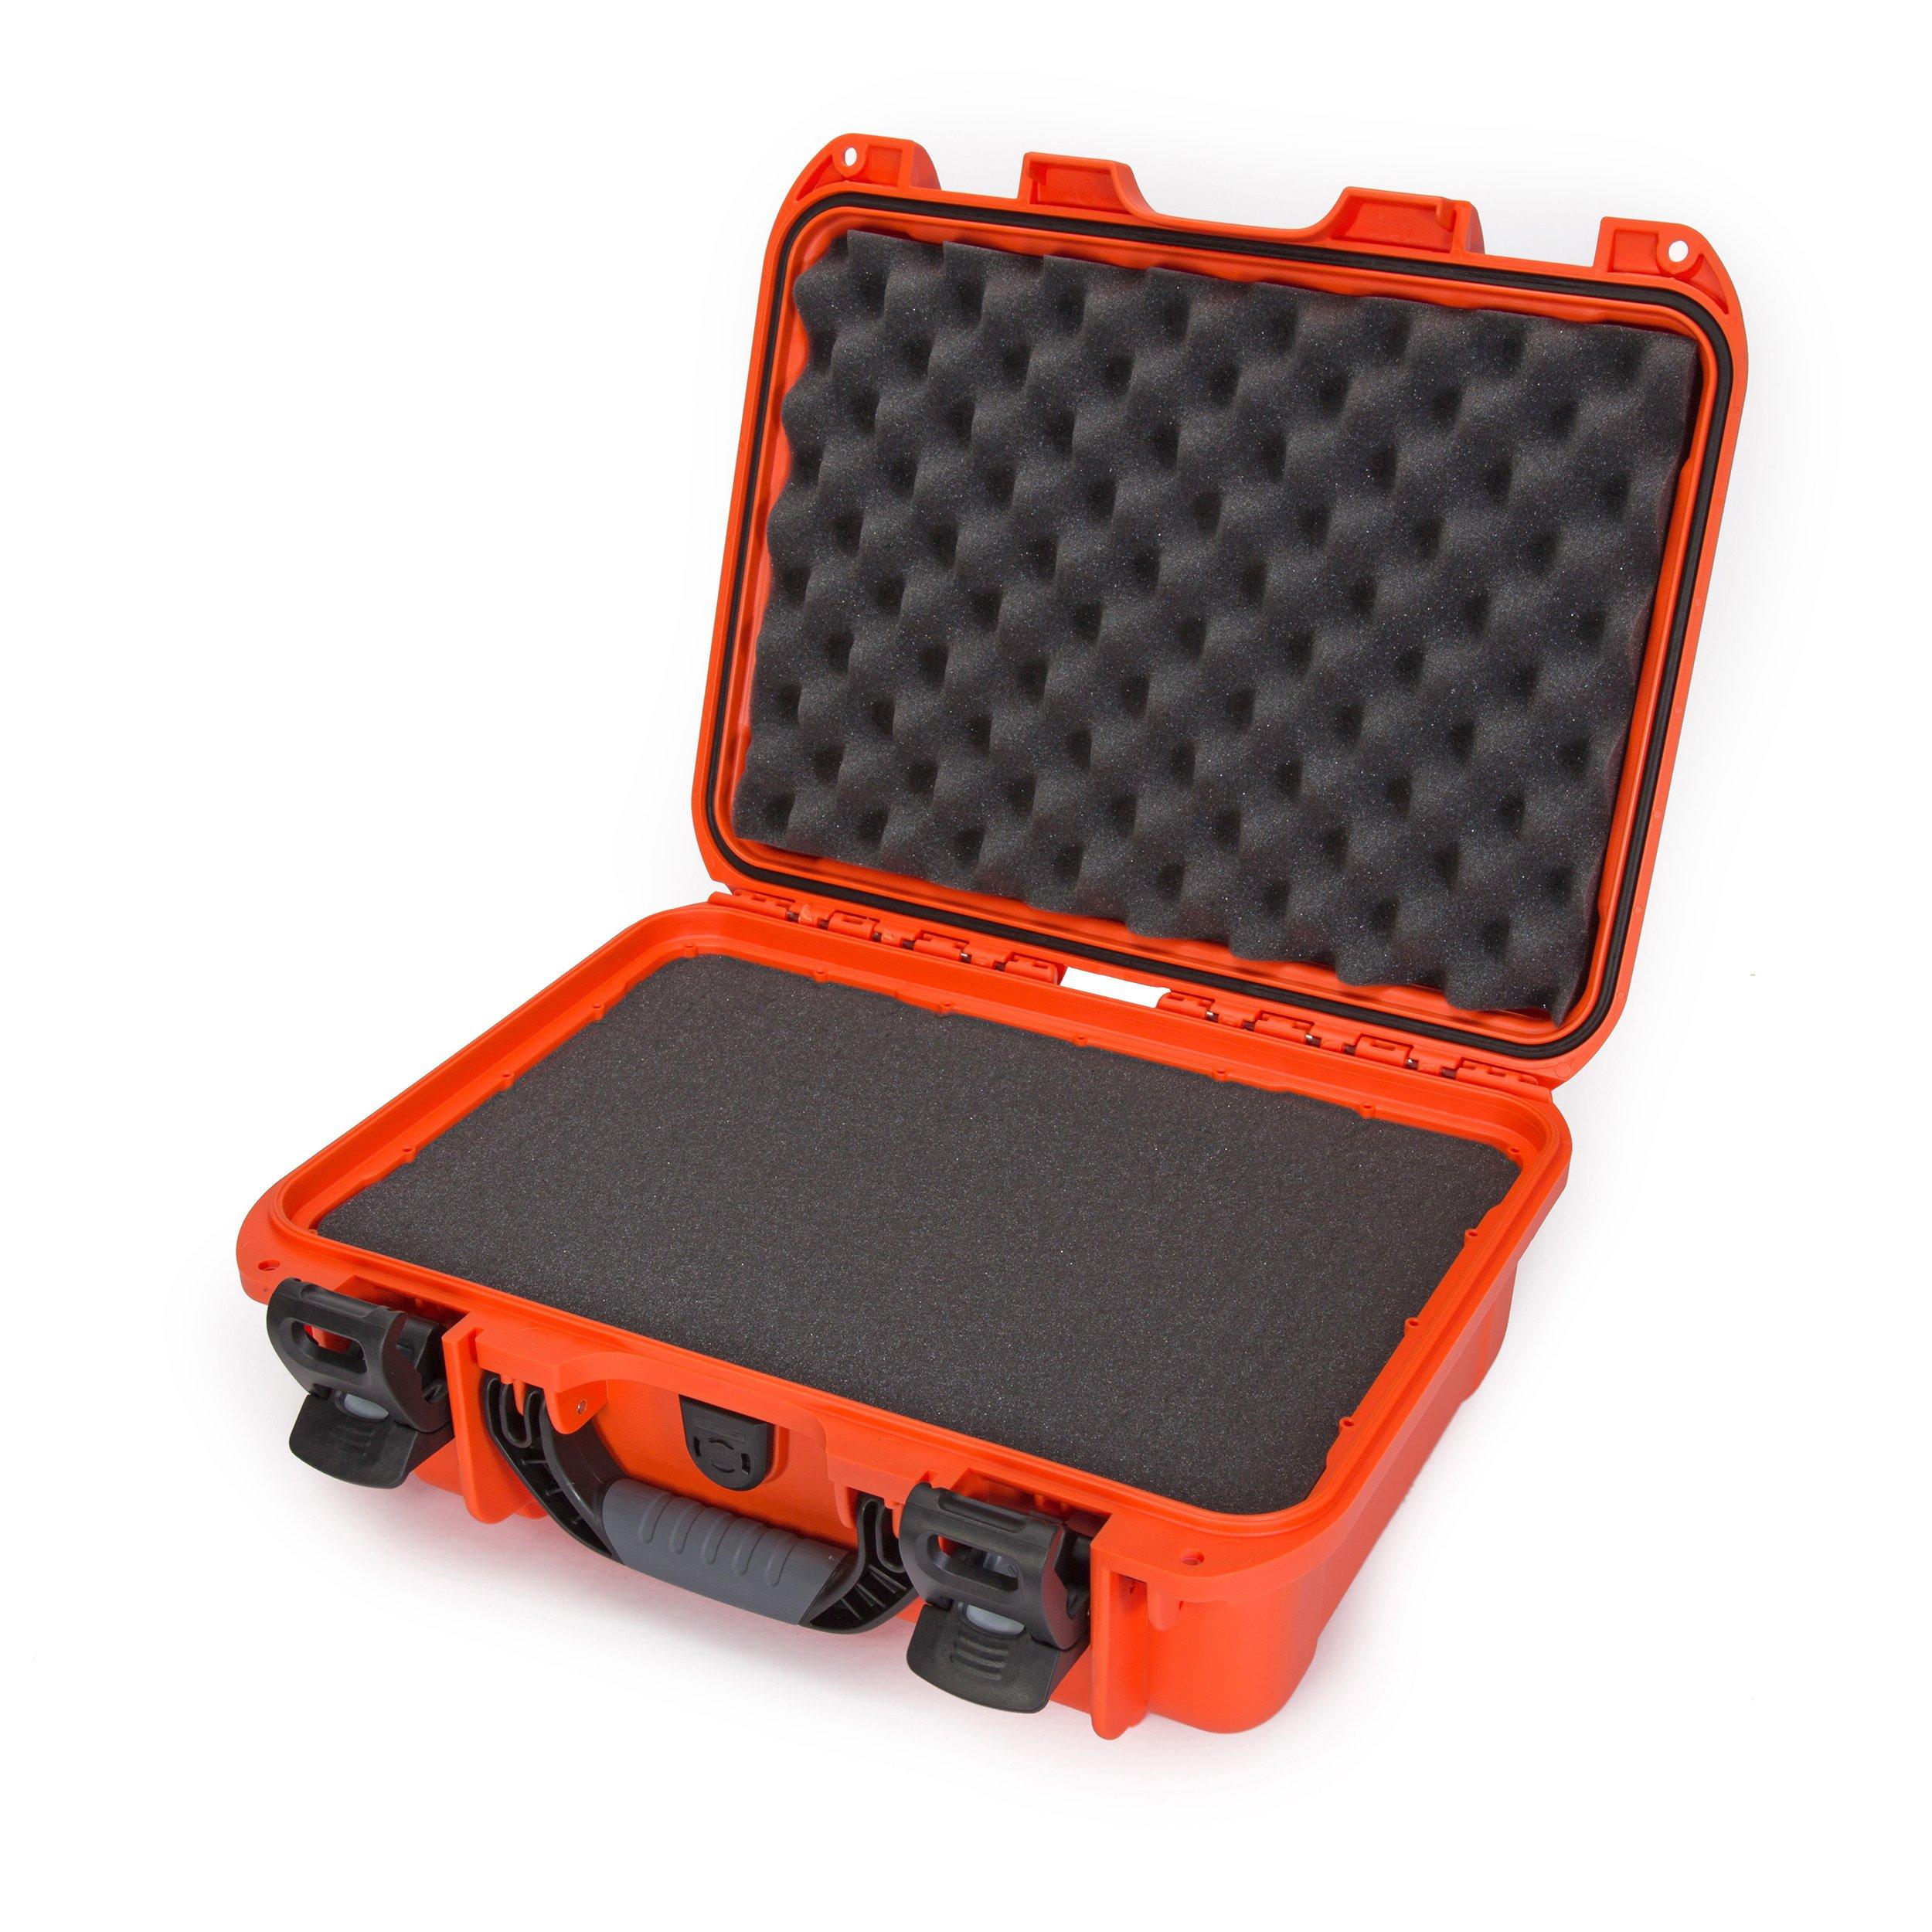 Nanuk 920 Waterproof Hard Case with Foam Insert - Orange by Nanuk